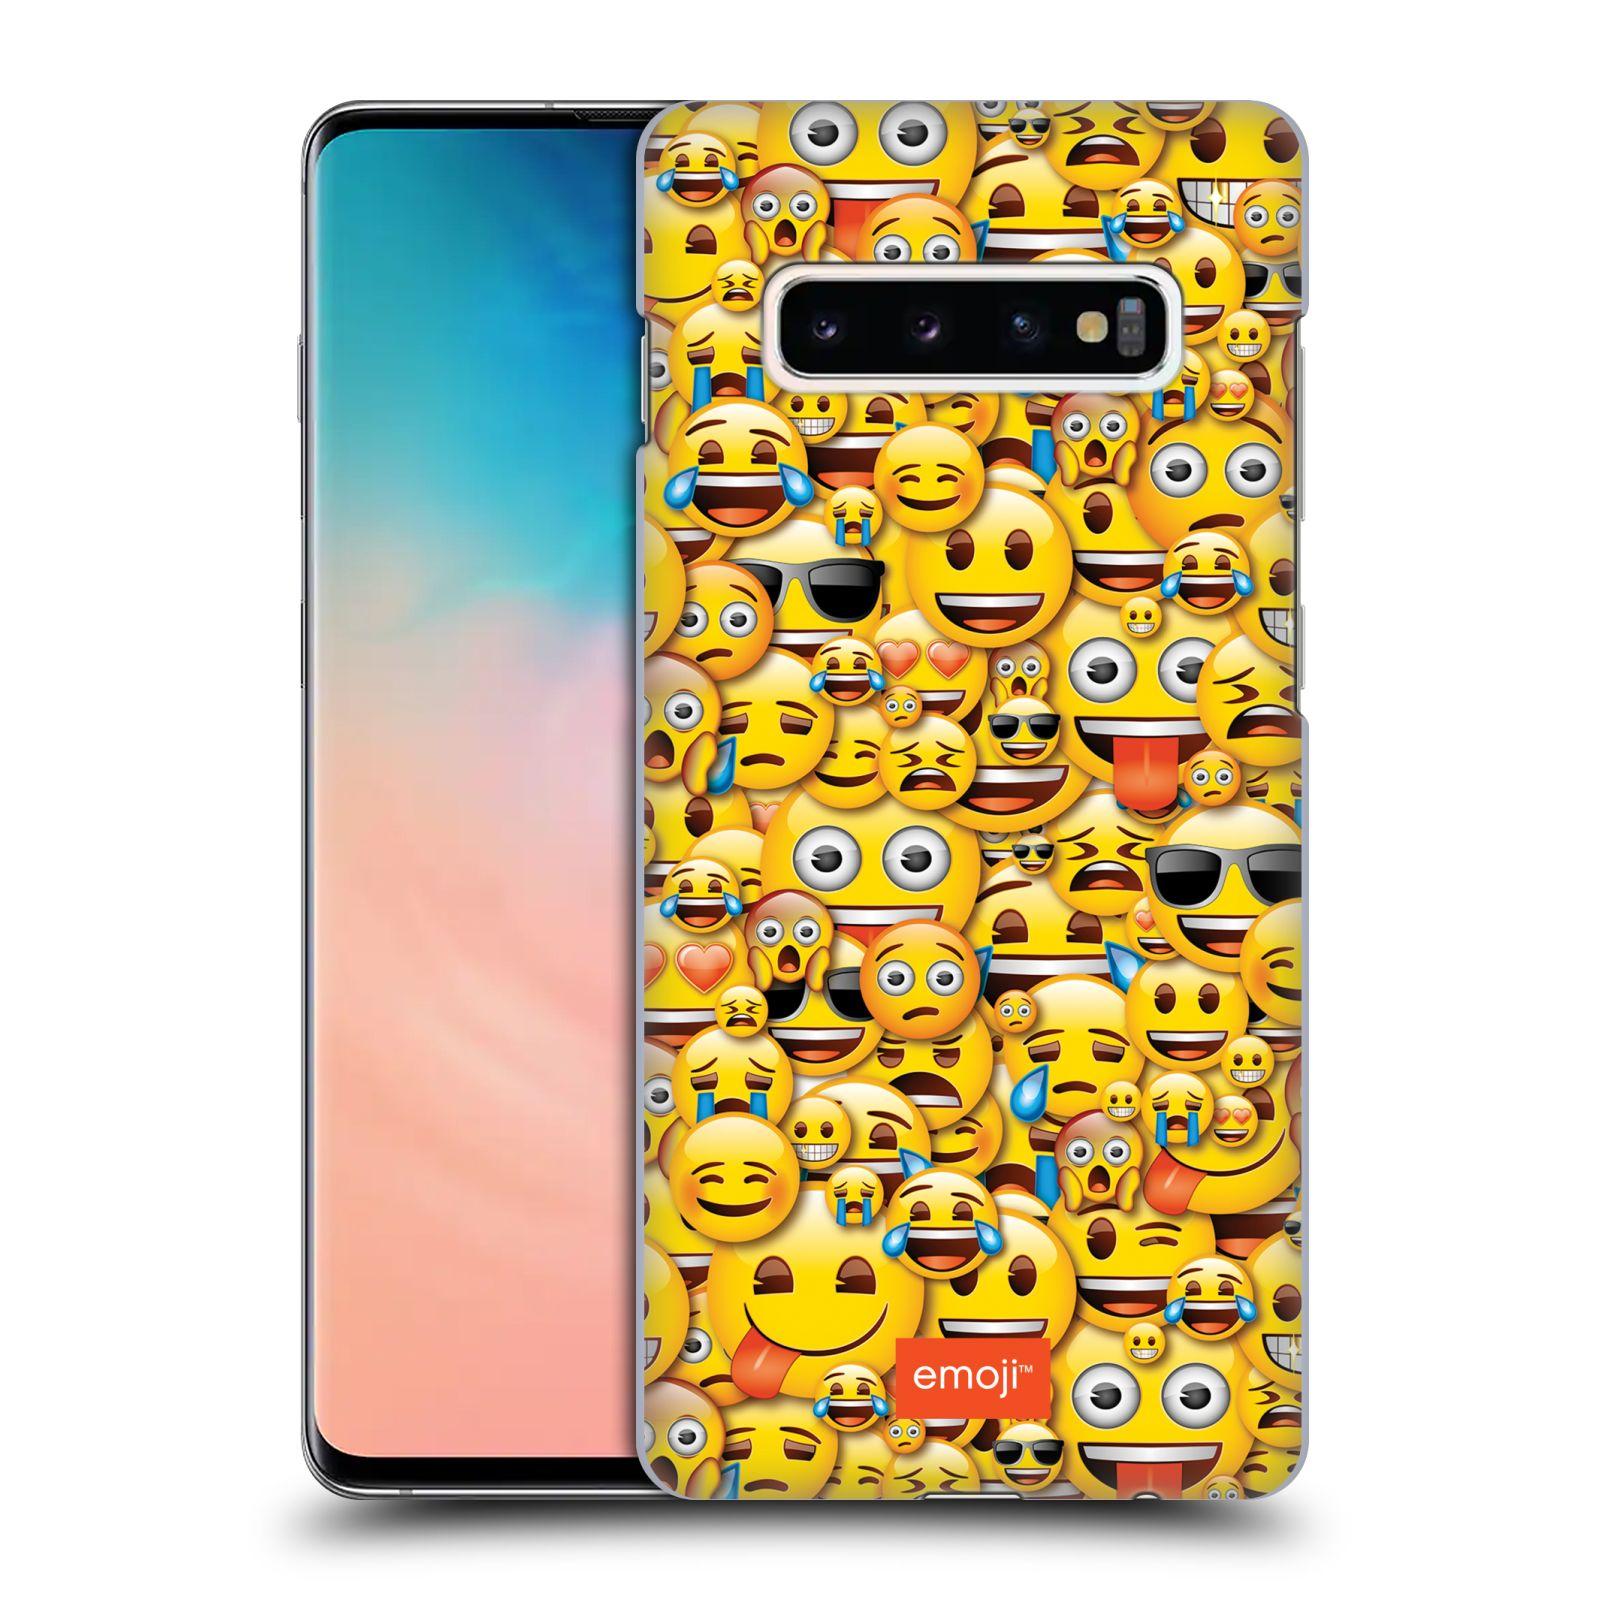 Plastové pouzdro na mobil Samsung Galaxy S10 Plus - Head Case - EMOJI - Mnoho malých smajlíků